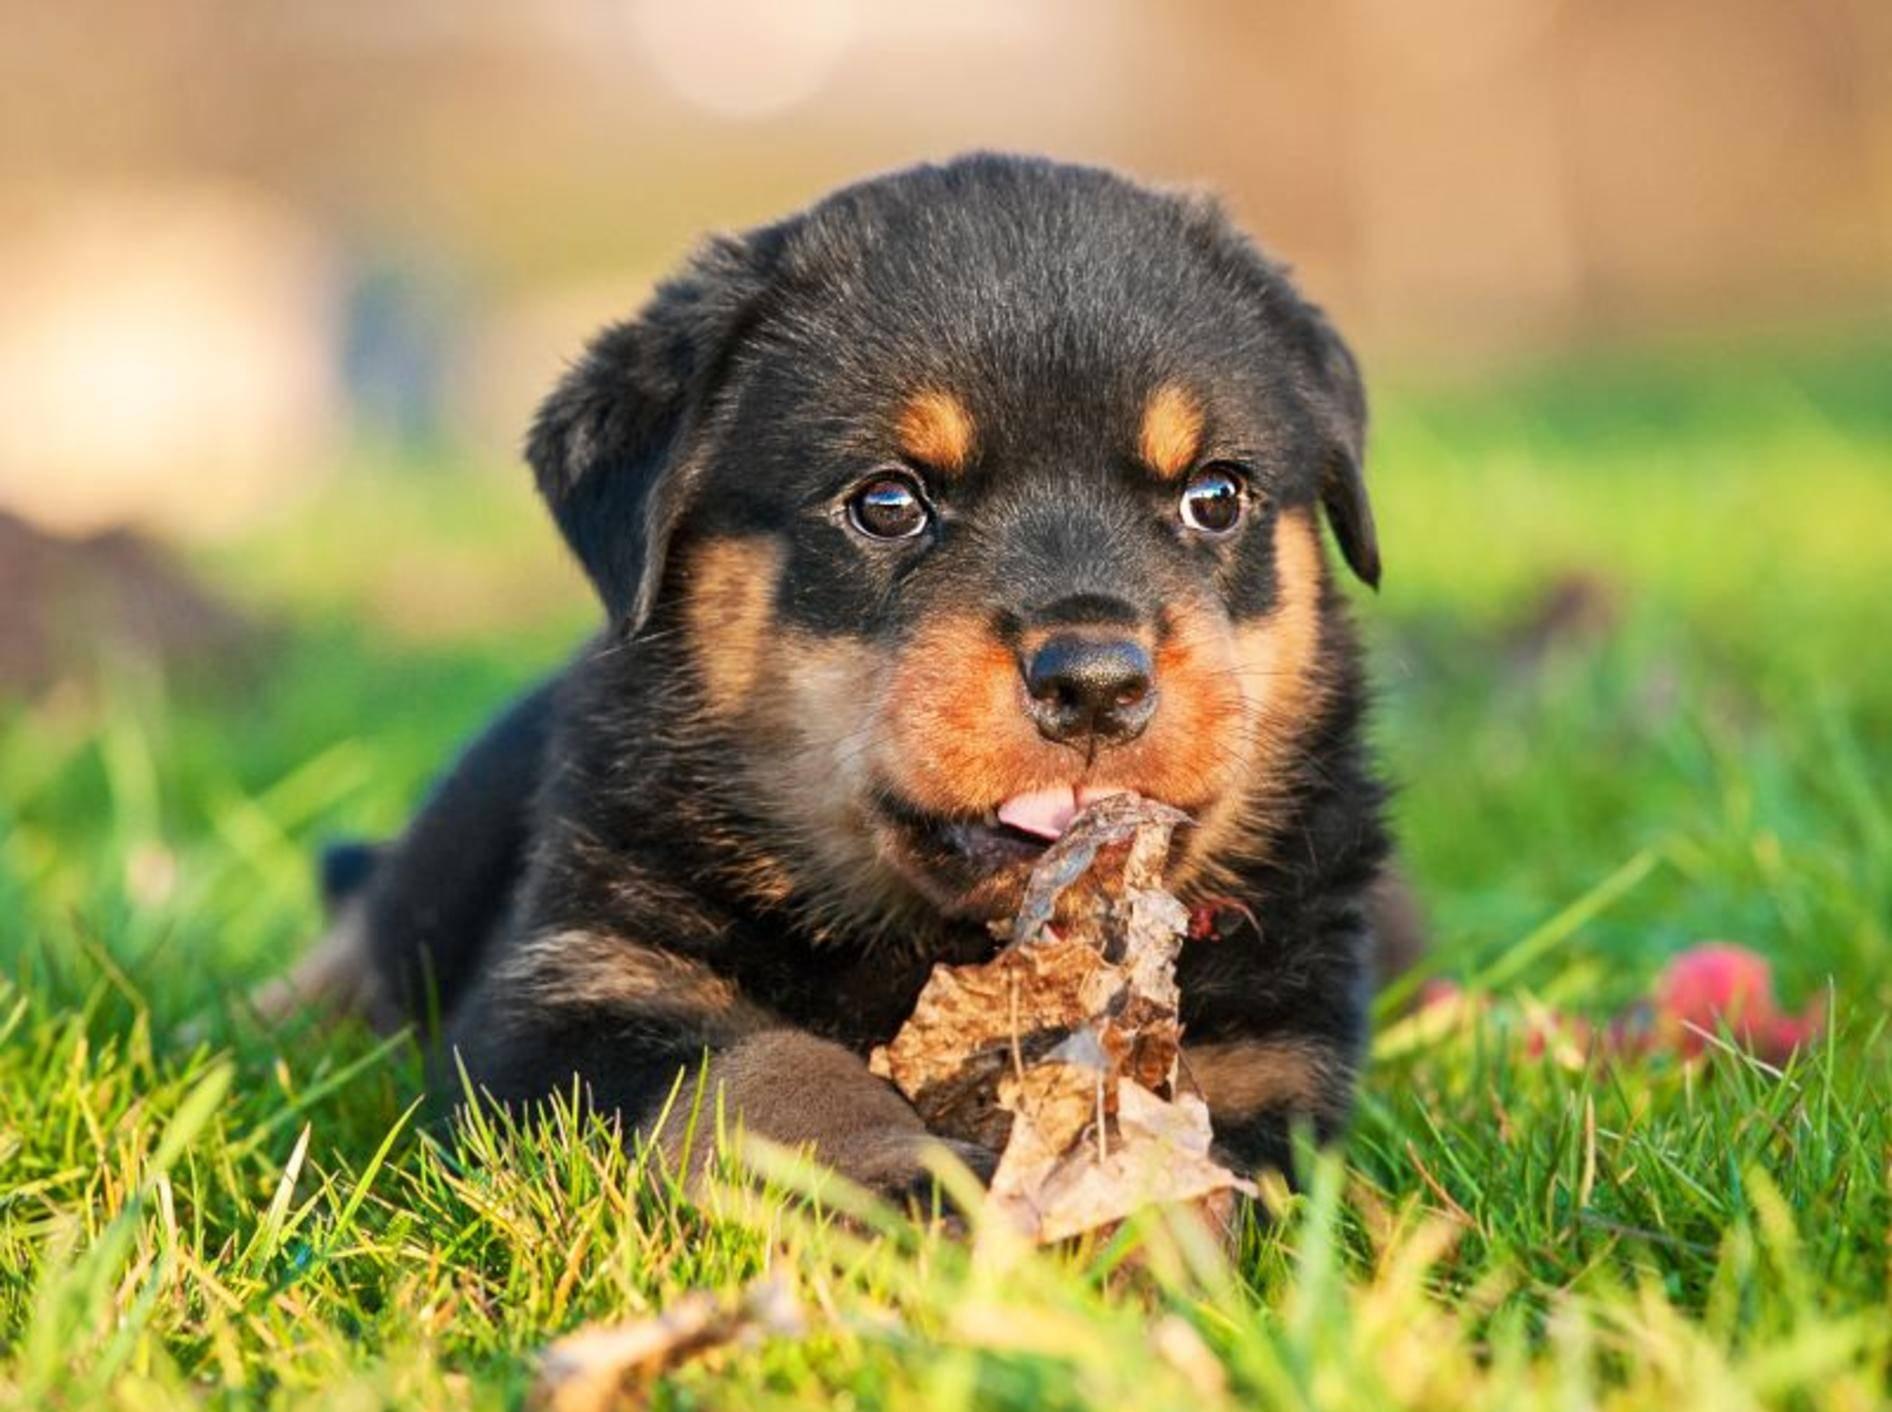 Kleiner Rottweiler, große Kulleraugen: Ist dieser Welpe nicht süß? – Bild: Shutterstock / Rita Kochmarjova